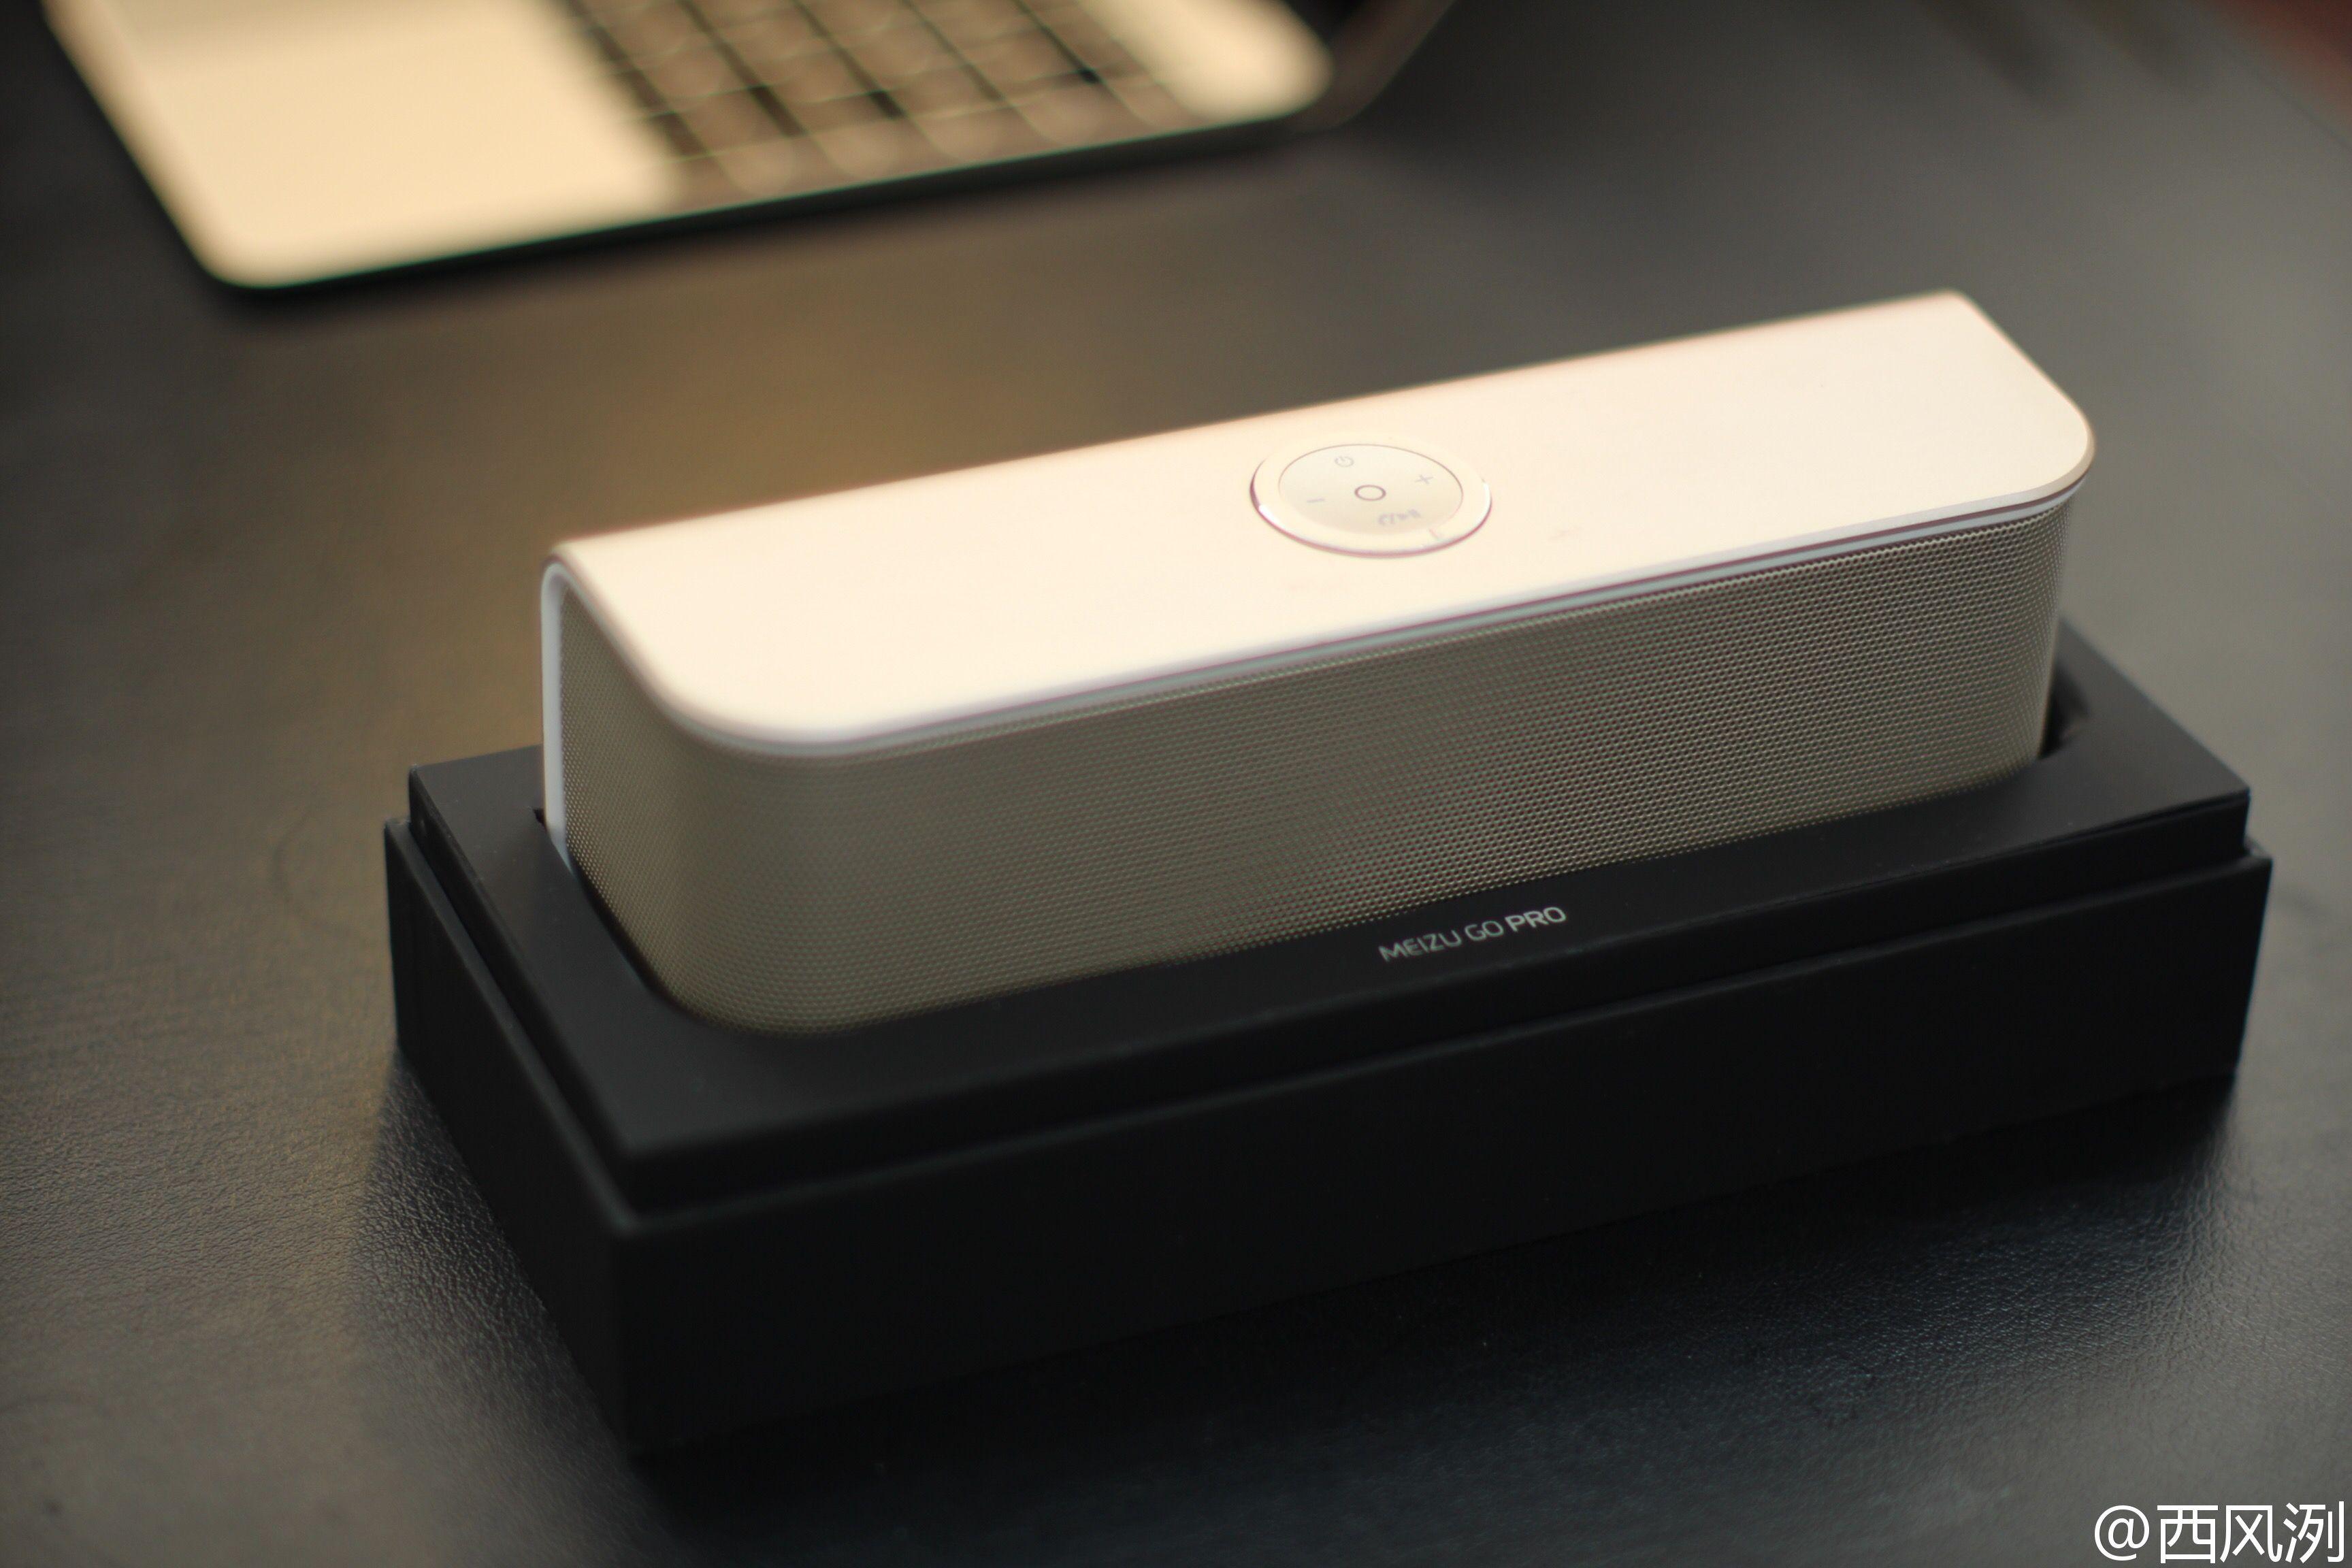 Bluetoothスピーカー「Lifeme」の実機画像が公開